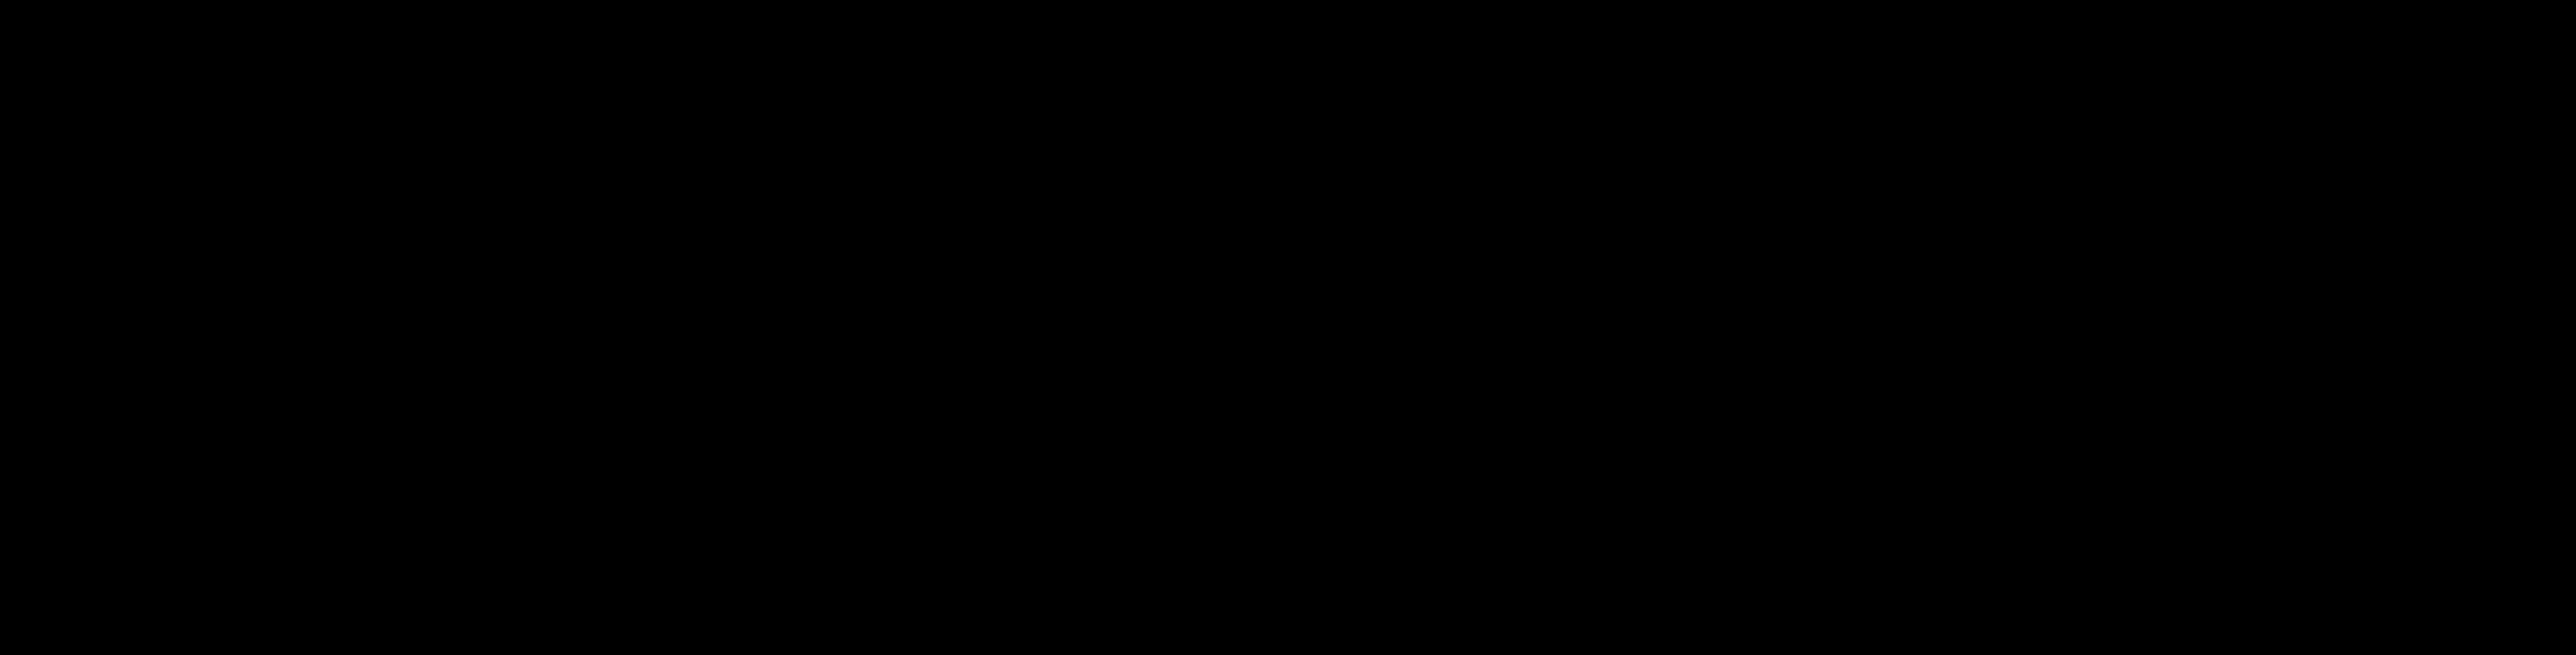 Sanders verden Maleri ecco logo - romanprivrel.com